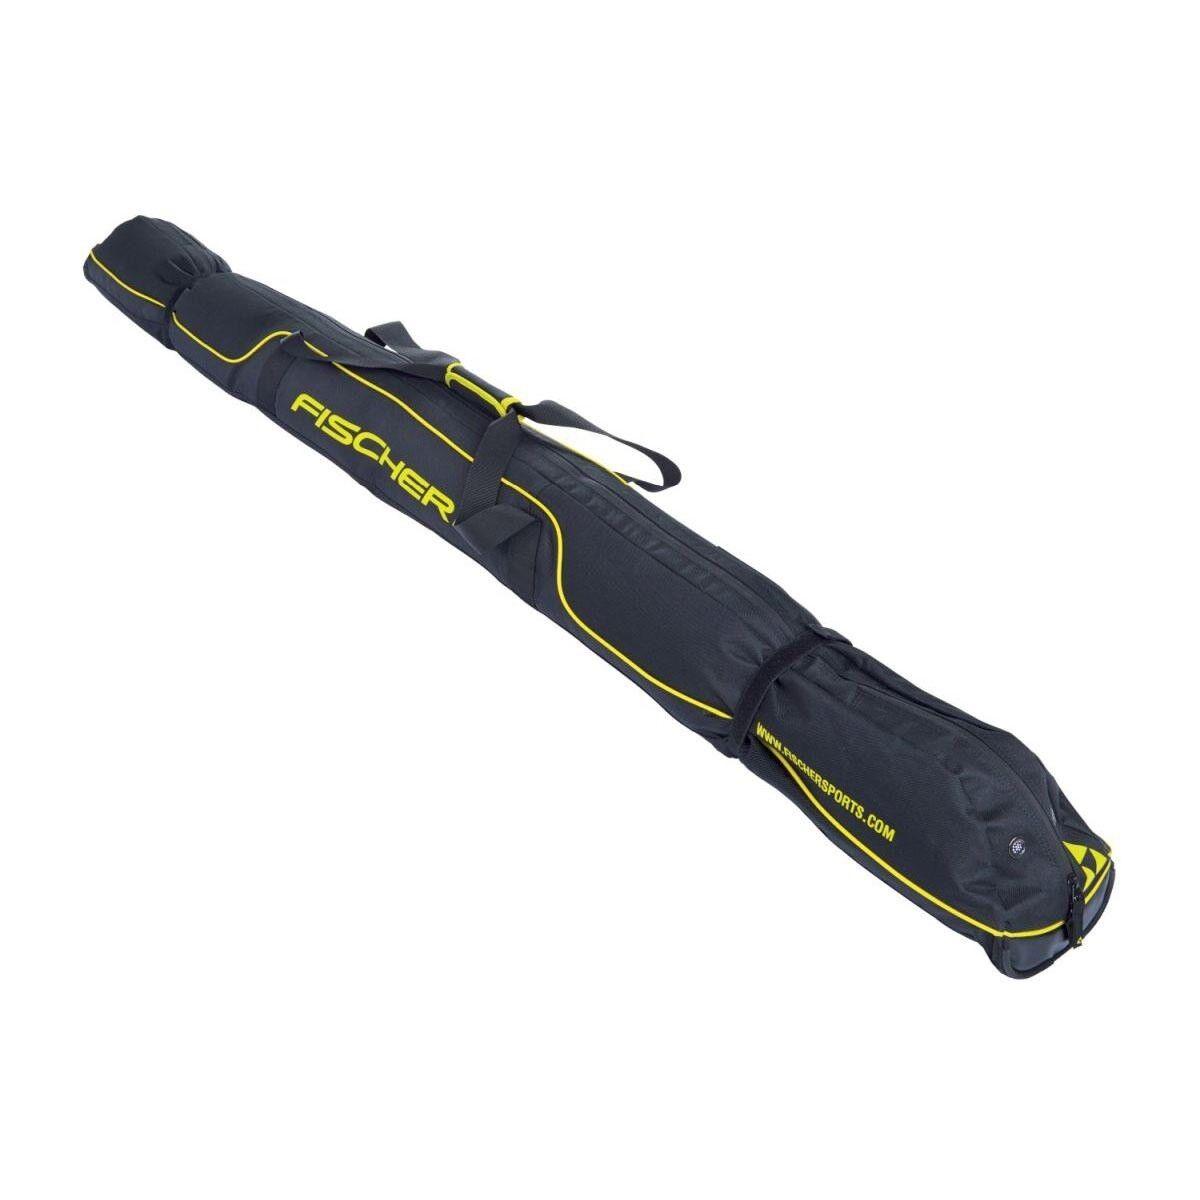 Fischer Skicase Skicase Skicase 3 Pair XC Performance 210cm Langlauf Skitasche schwarz 3939a7